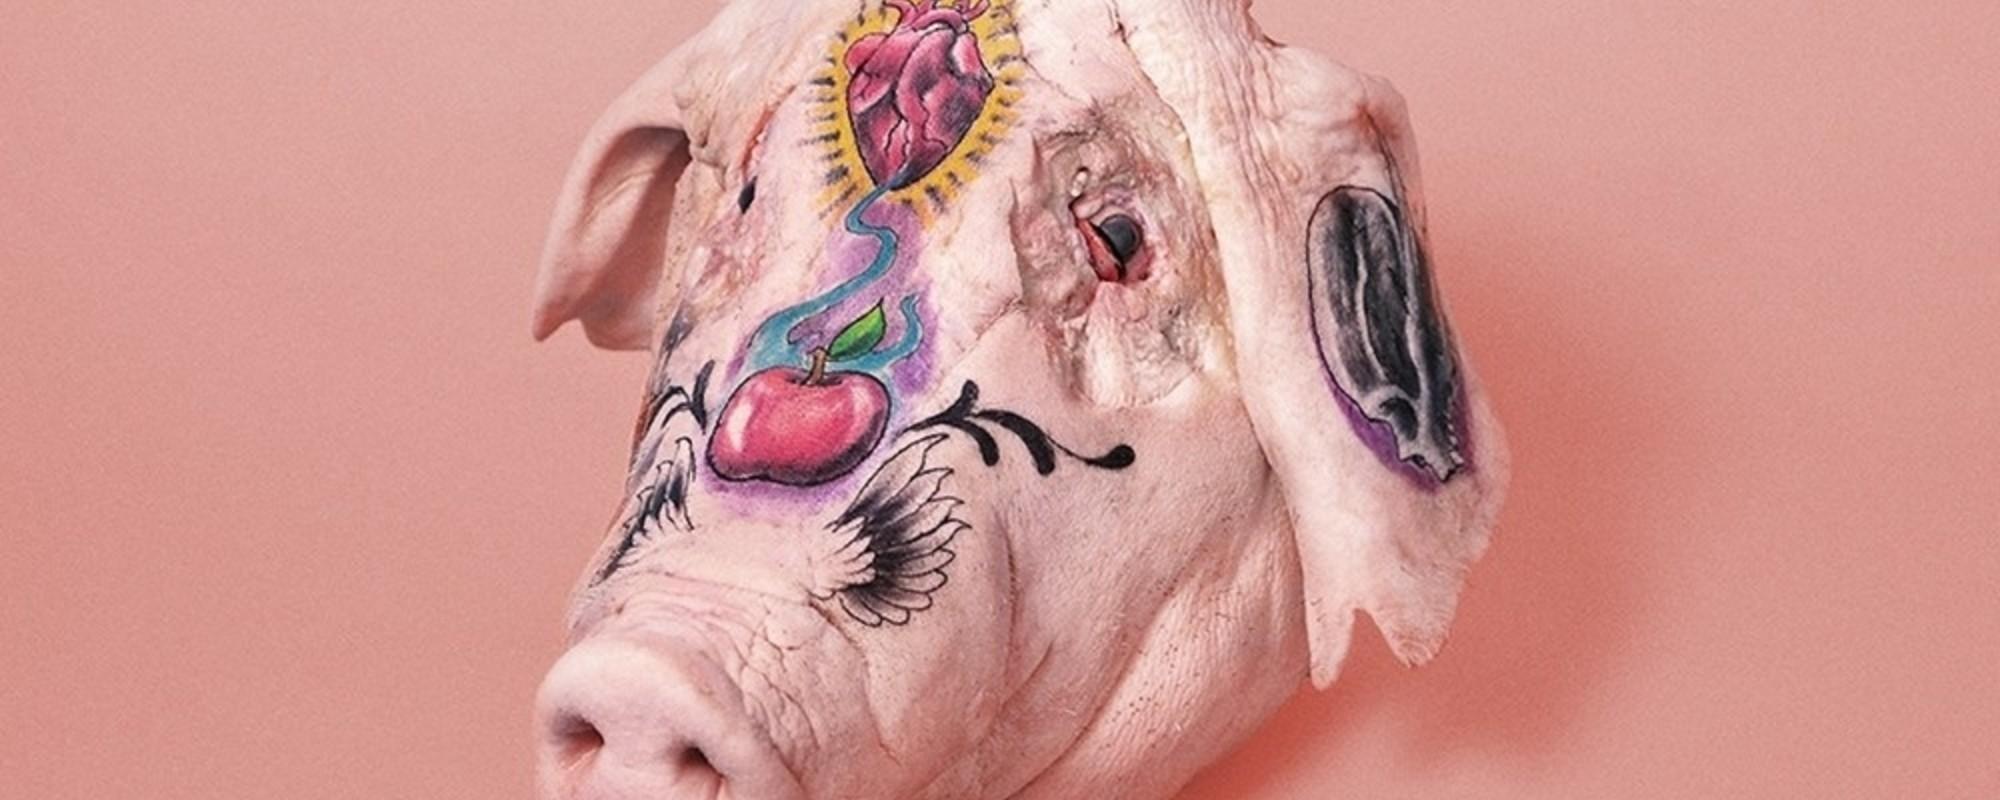 Wenn sich Tätowierer an Schweinsköpfen auslassen dürfen